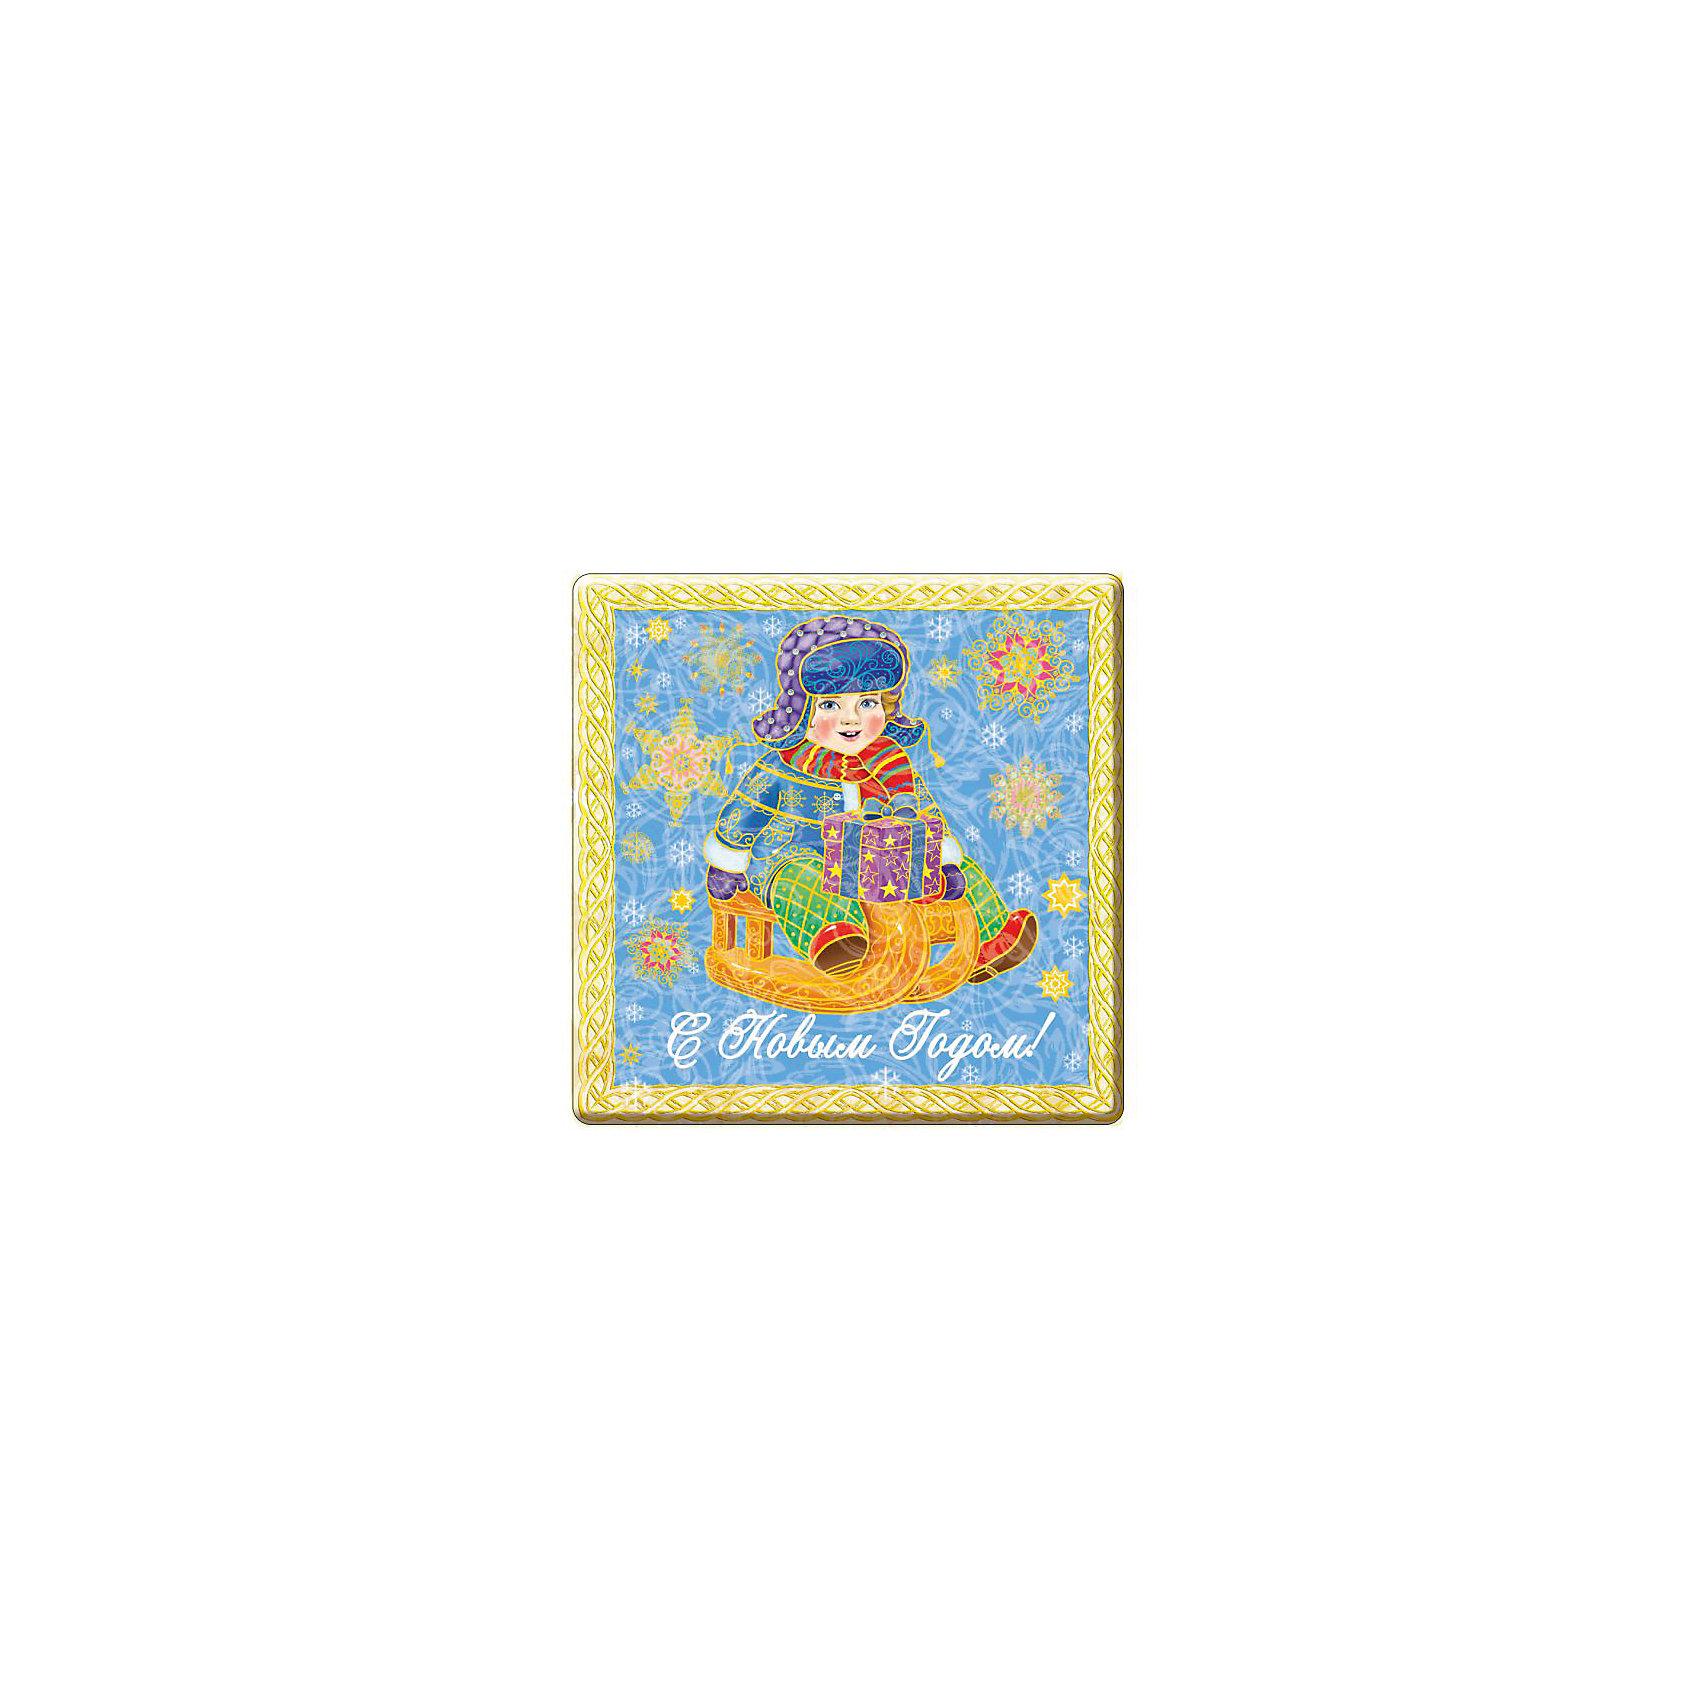 Магнит Мальчик на санкахМагнит Мальчик на санках, Феникс-Презент, добавит праздничности в Ваш новогодний интерьер и поднимет настроение. Магнит квадратной формы выполнен в оригинальной дизайне и украшен изображением очаровательного мальчика с подарком на санках.<br><br>Дополнительная информация:<br><br>- Материал магнита: агломерированный феррит.<br>- Размер магнита: 6 х 6 см.<br><br>Магнит Мальчик на санках, Феникс-Презент, можно купить в нашем интернет-магазине.<br><br>Ширина мм: 70<br>Глубина мм: 70<br>Высота мм: 10<br>Вес г: 100<br>Возраст от месяцев: 36<br>Возраст до месяцев: 2147483647<br>Пол: Унисекс<br>Возраст: Детский<br>SKU: 4276492